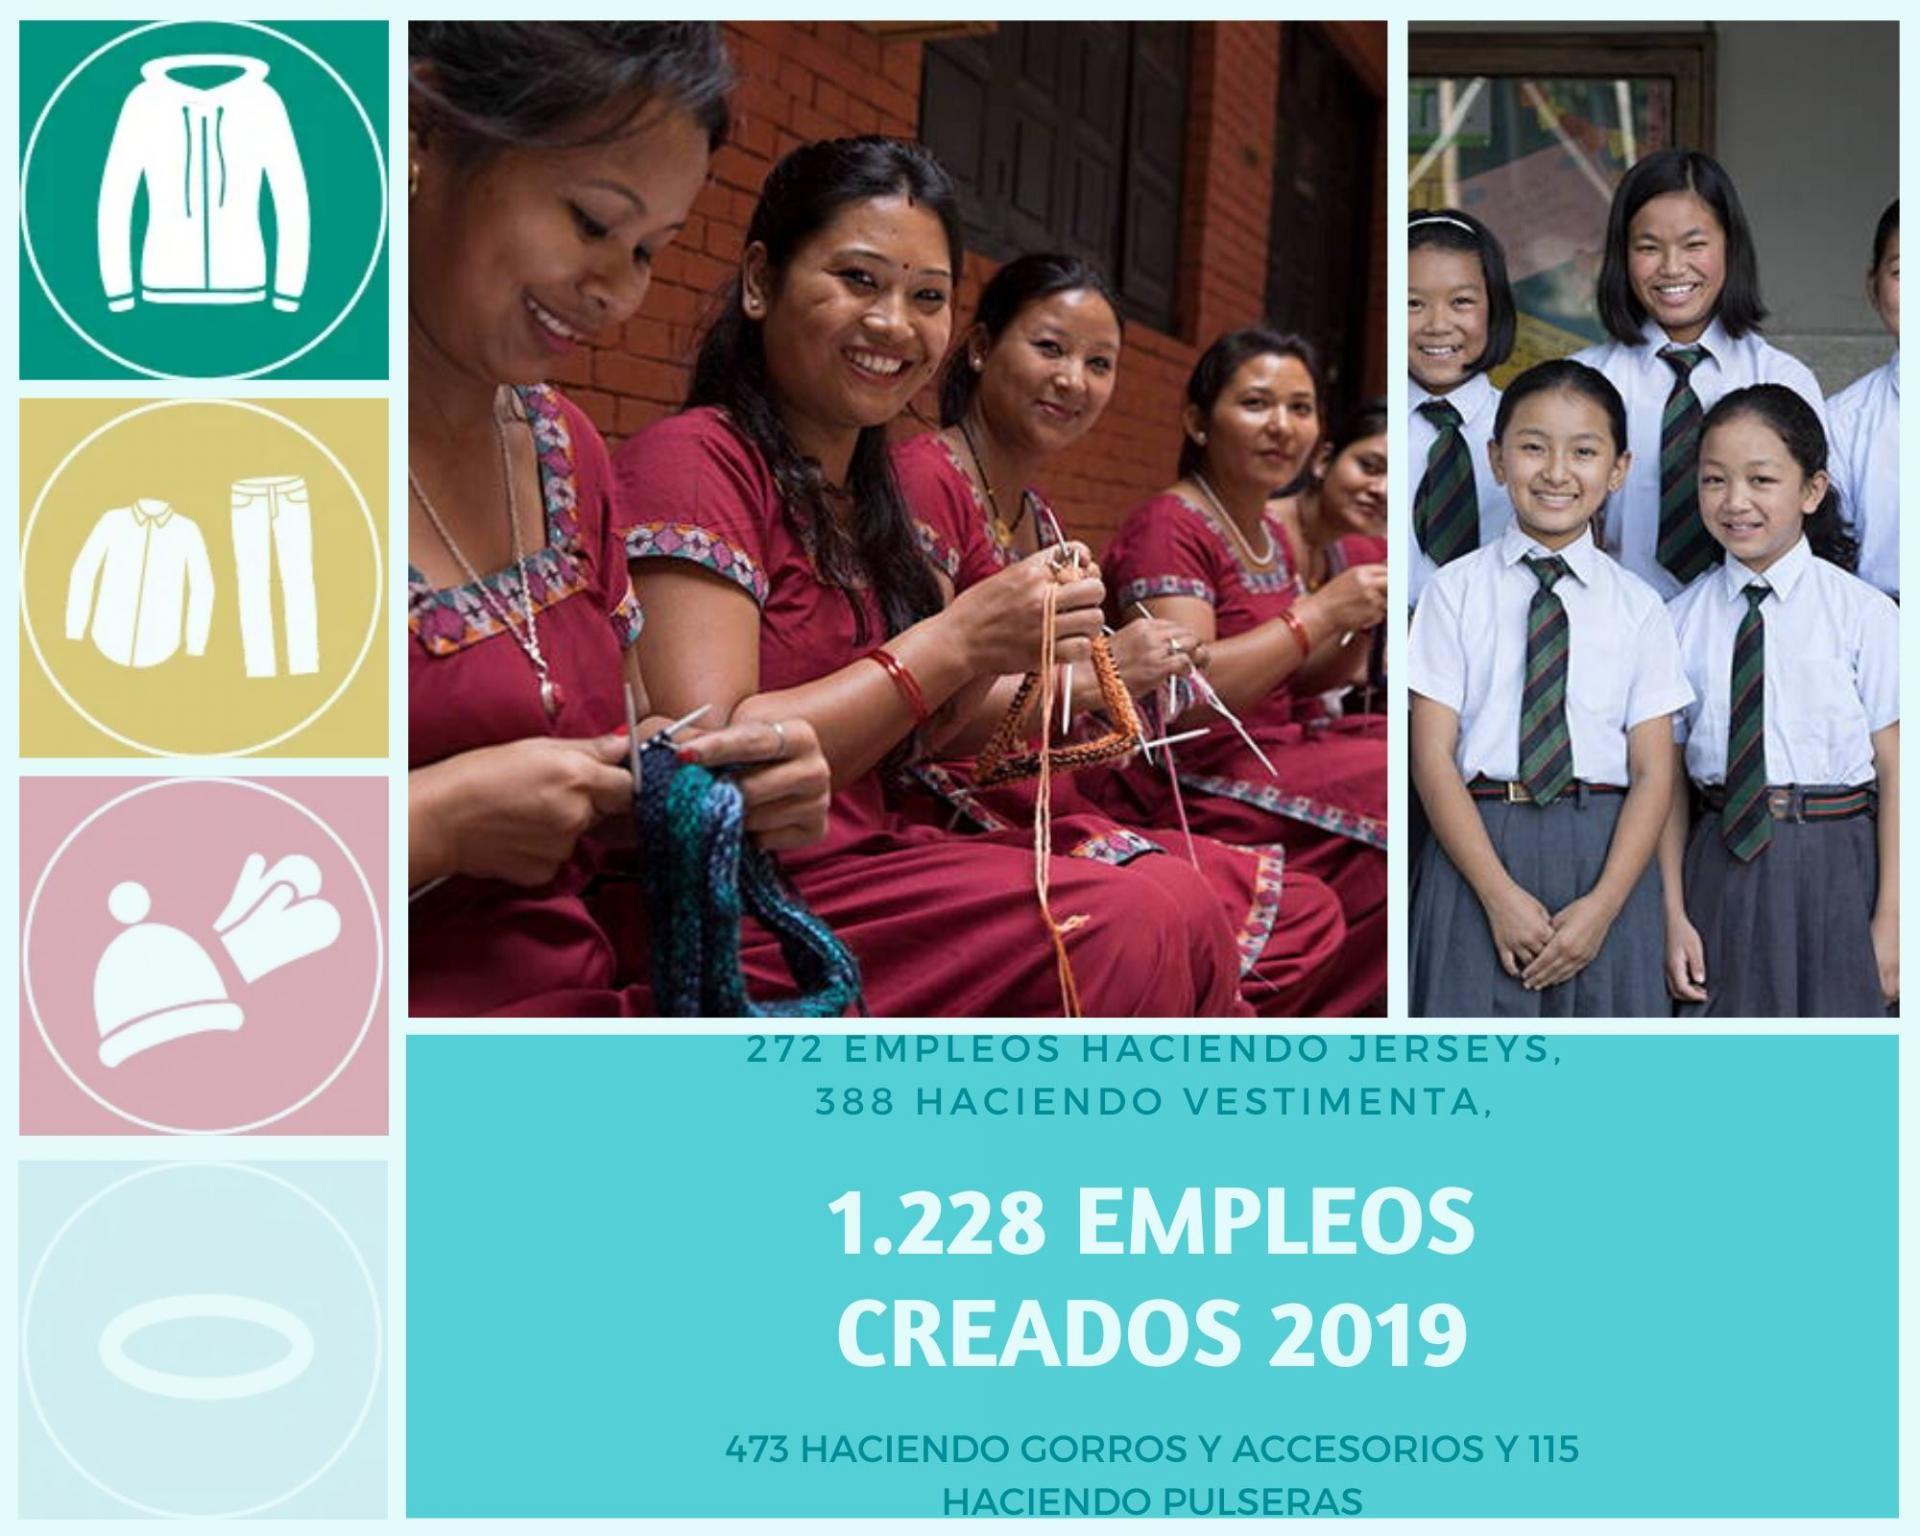 CREANDO TRABAJO, IMPACTO DE SHERPA EN 2019